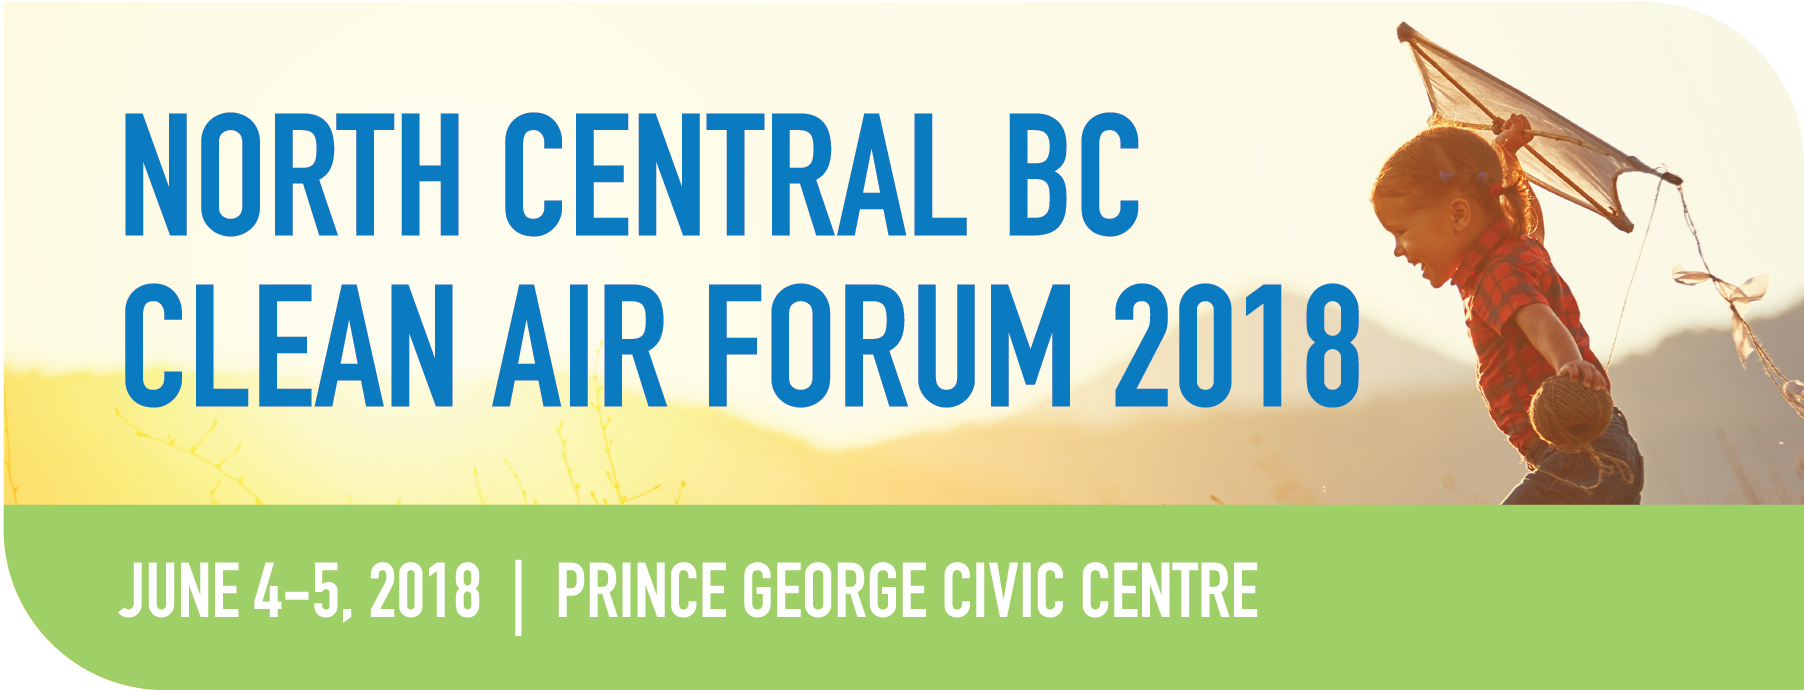 2018 North Central BC Clean Air Forum - PGAIR